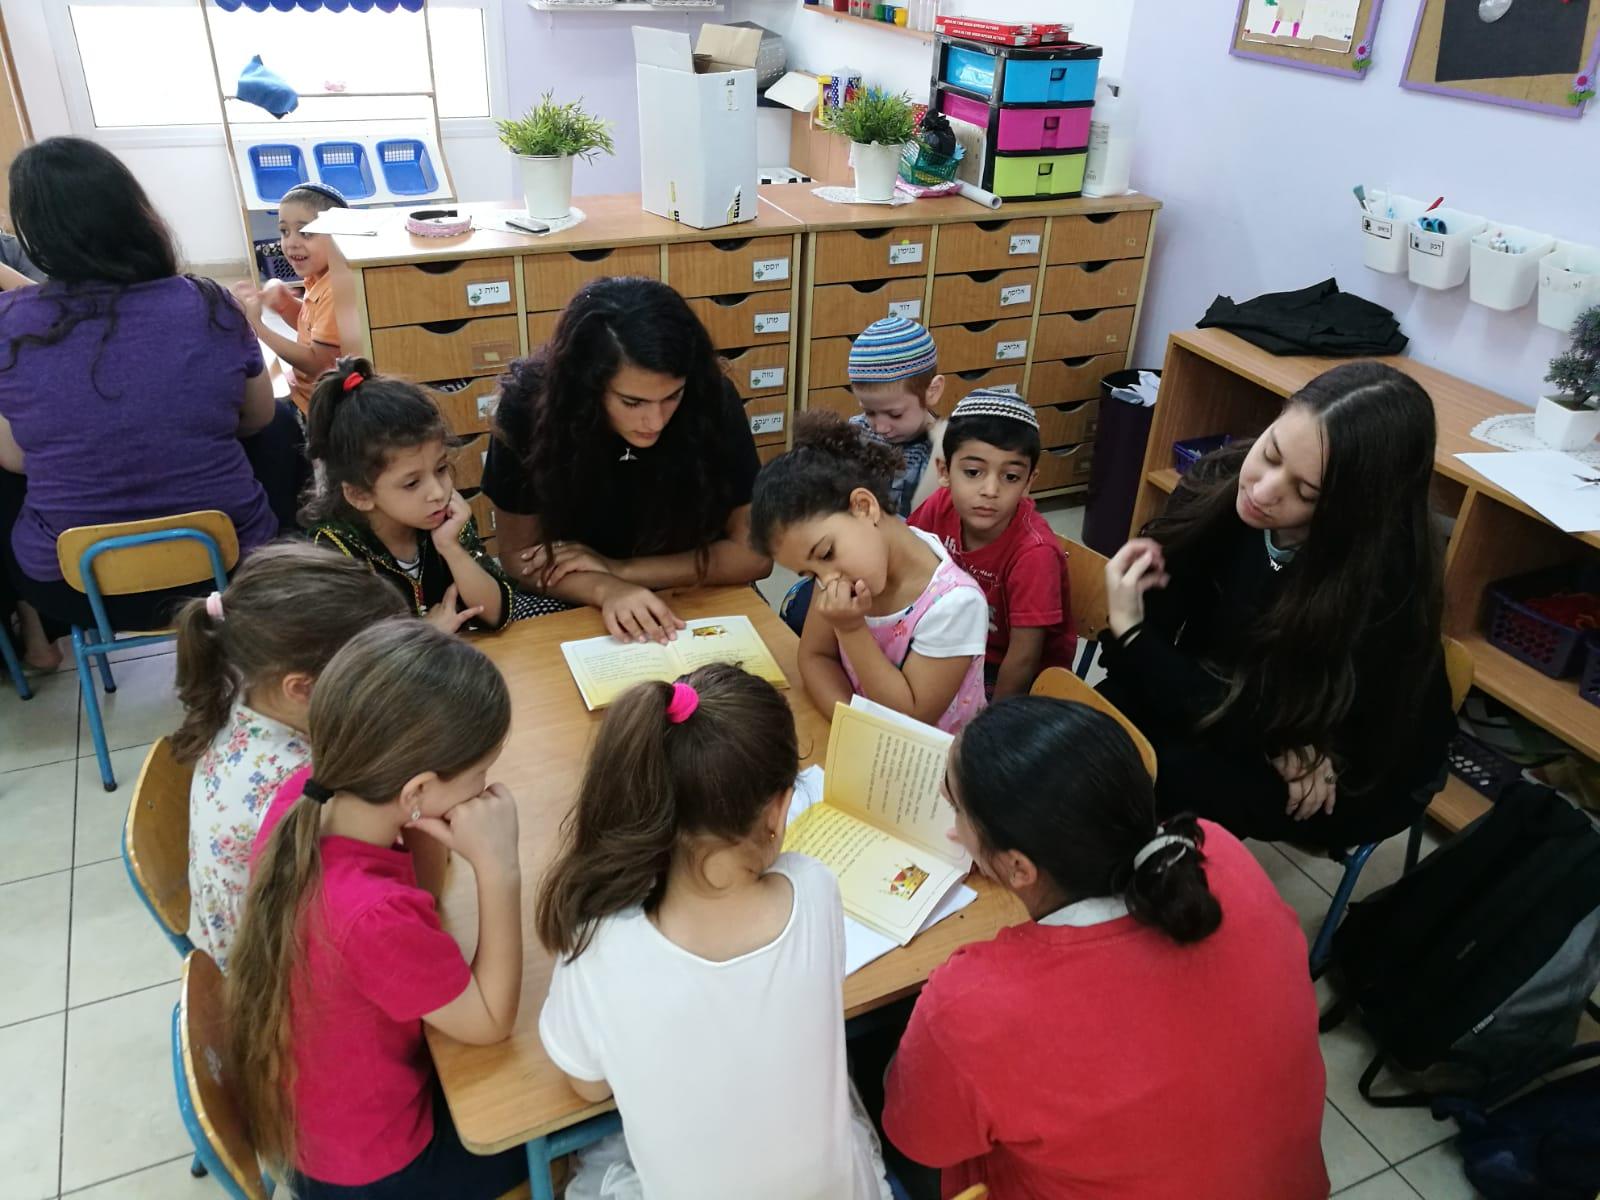 תלמידות אולפנת בני עקיבא רעות השיקו ספר ילדים העוסק בדוד המלך